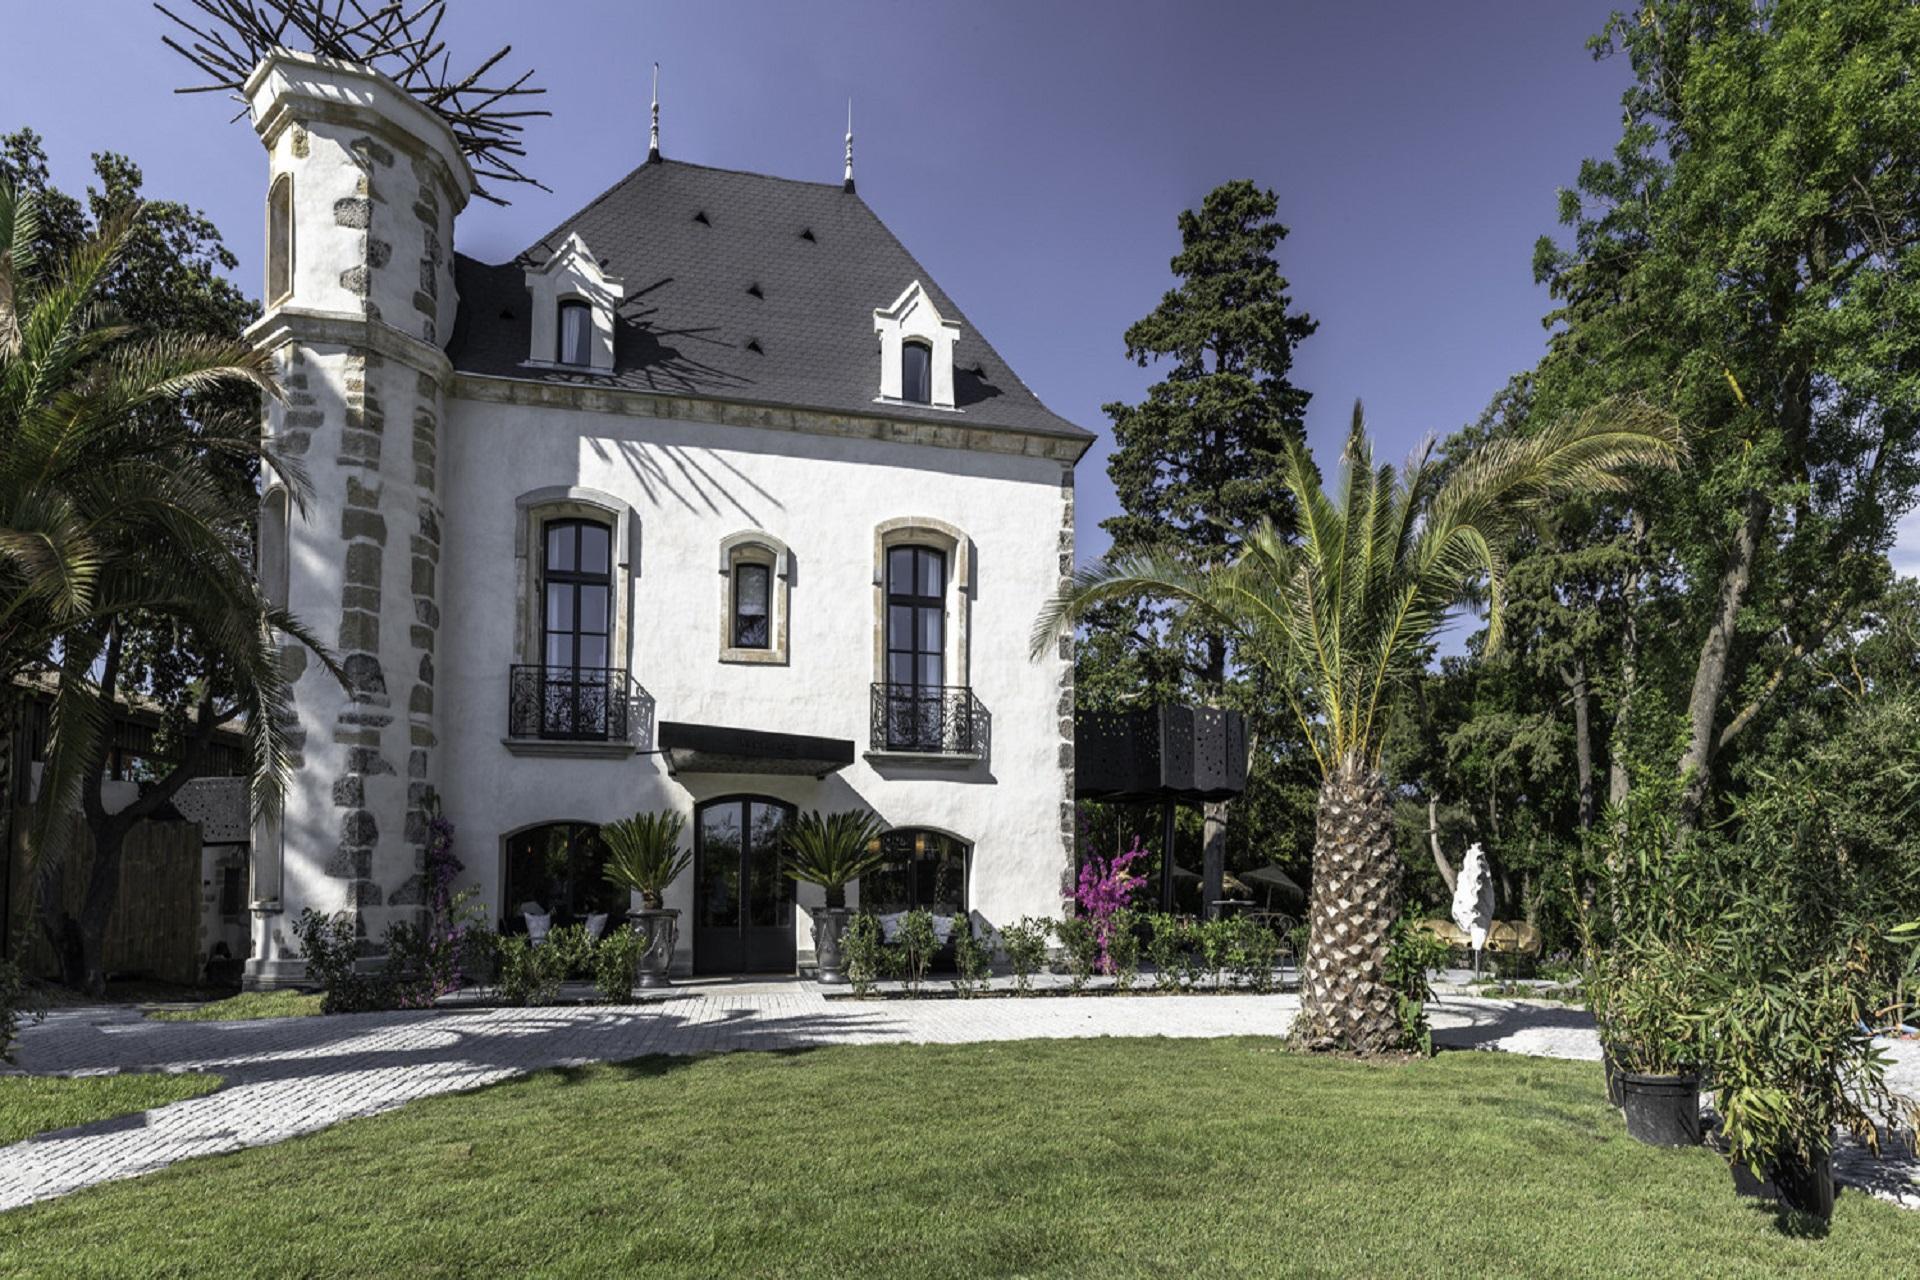 domaine-tarbouriech-herault-beziers-occitanie-seminaires-de-caractere-facade